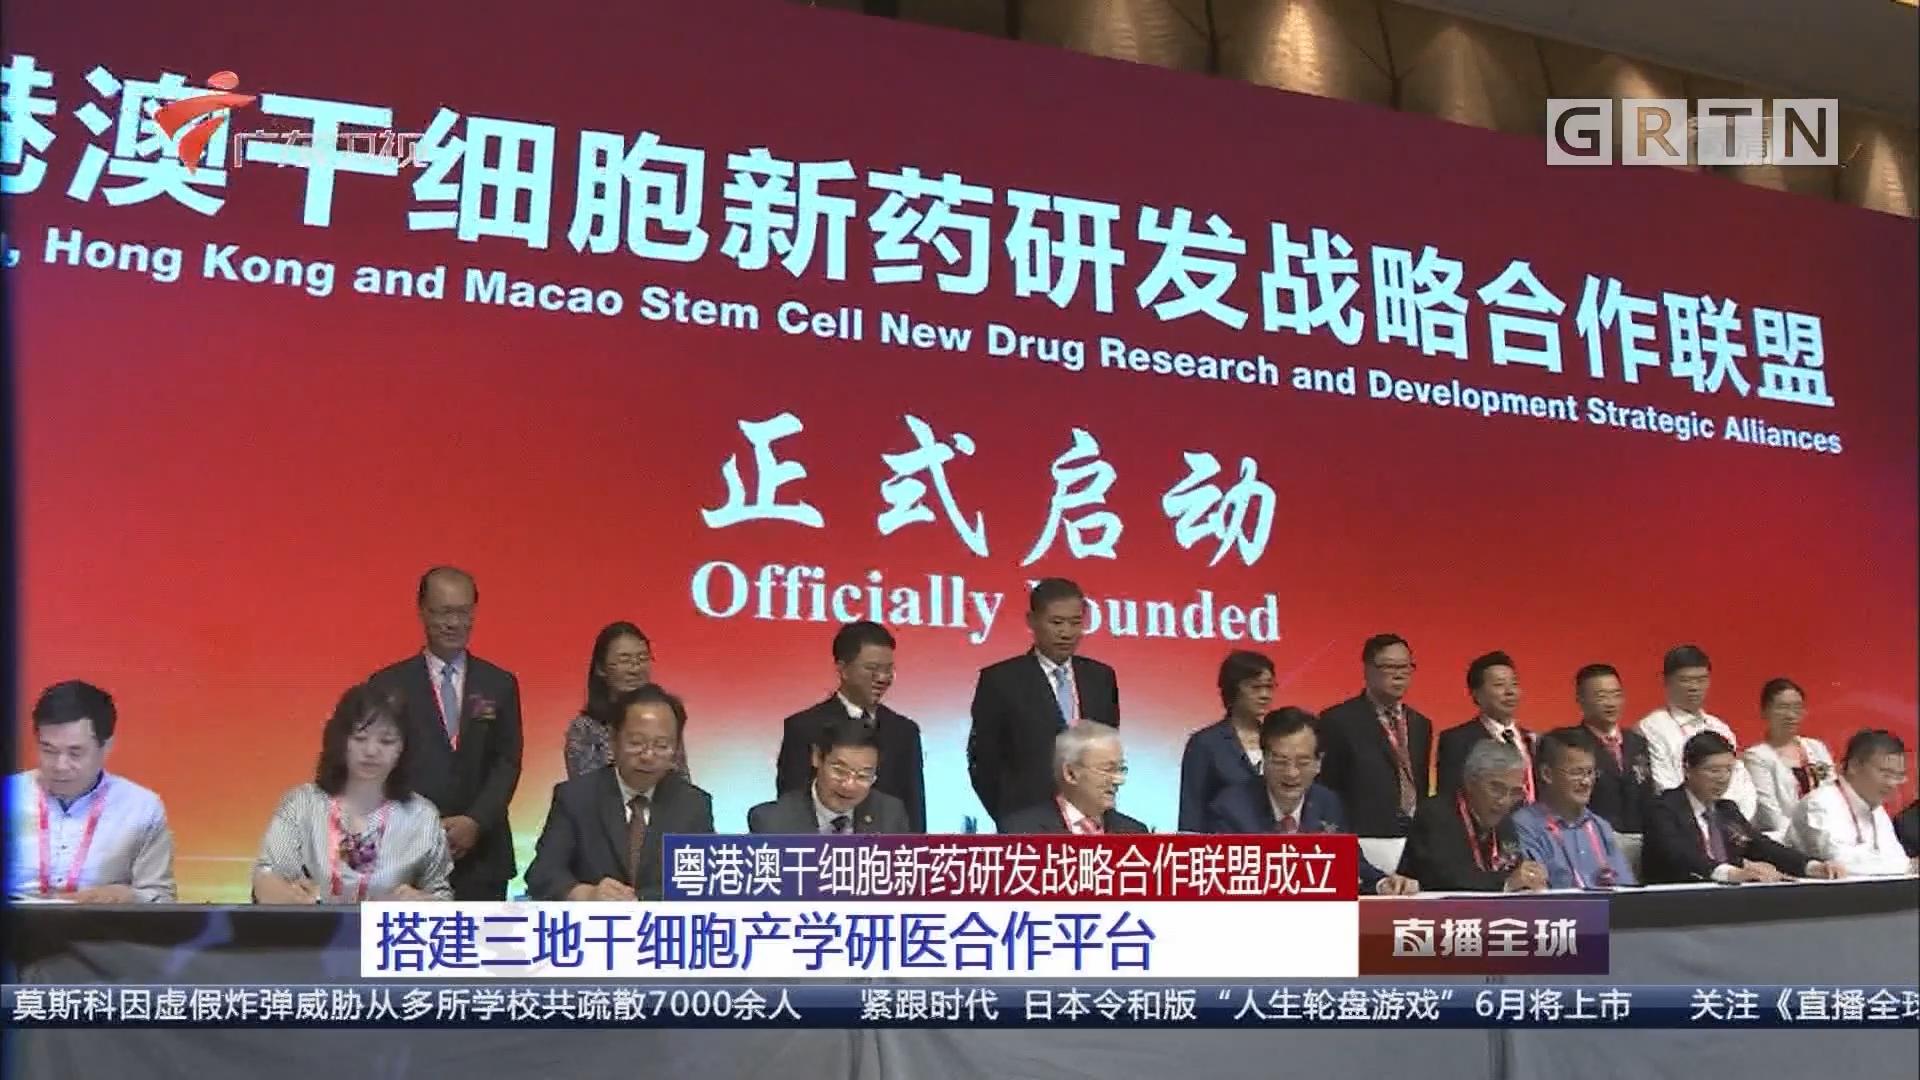 粤港澳干细胞新药研发战略合作联盟成立 搭建三地干细胞产学研医合作平台